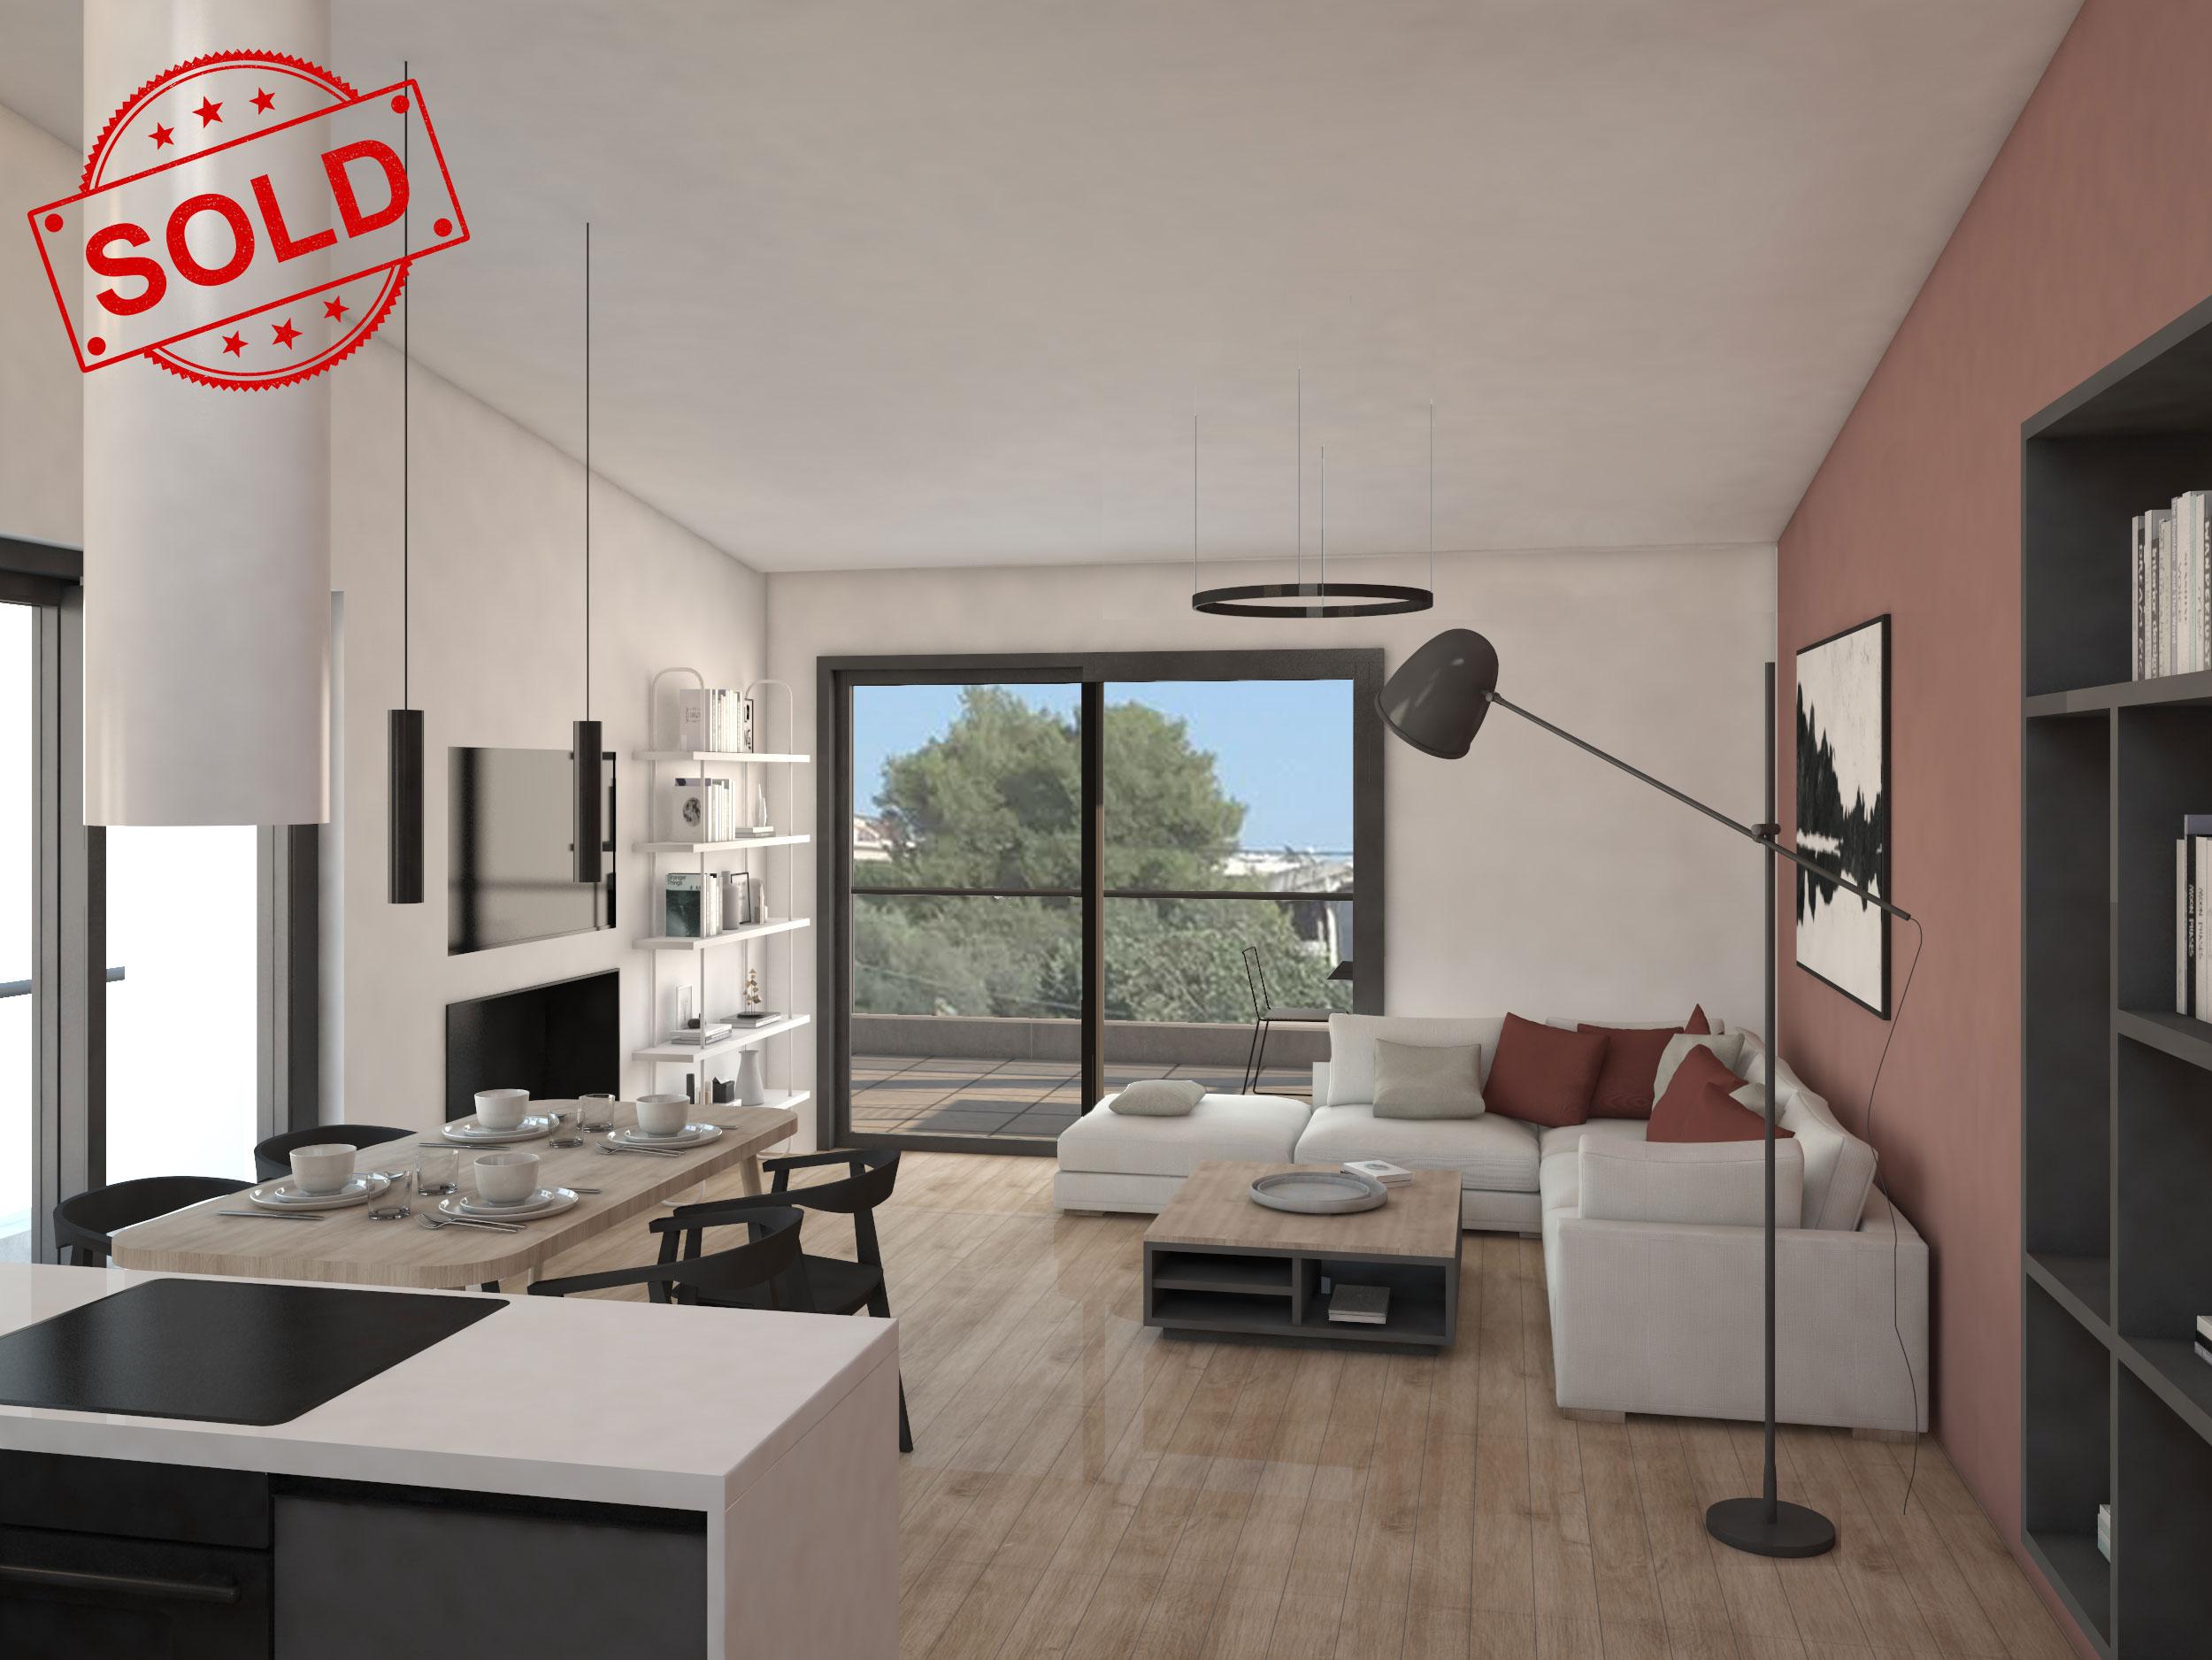 saloni_B2_sold